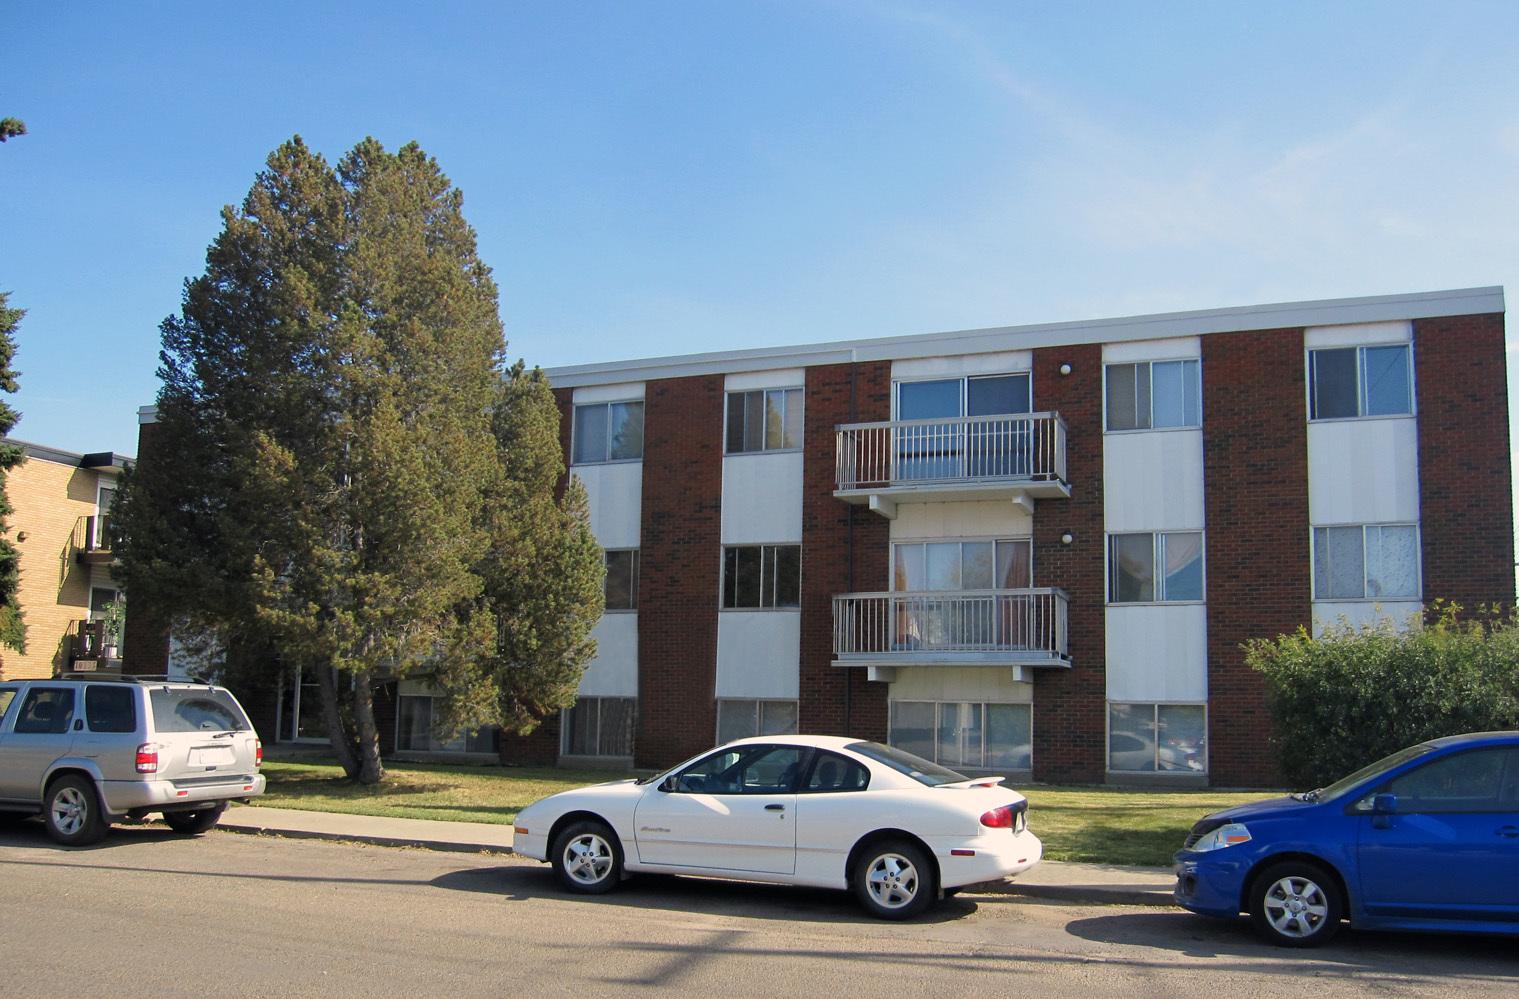 10125 152 Street NW, Edmonton, AB - $750